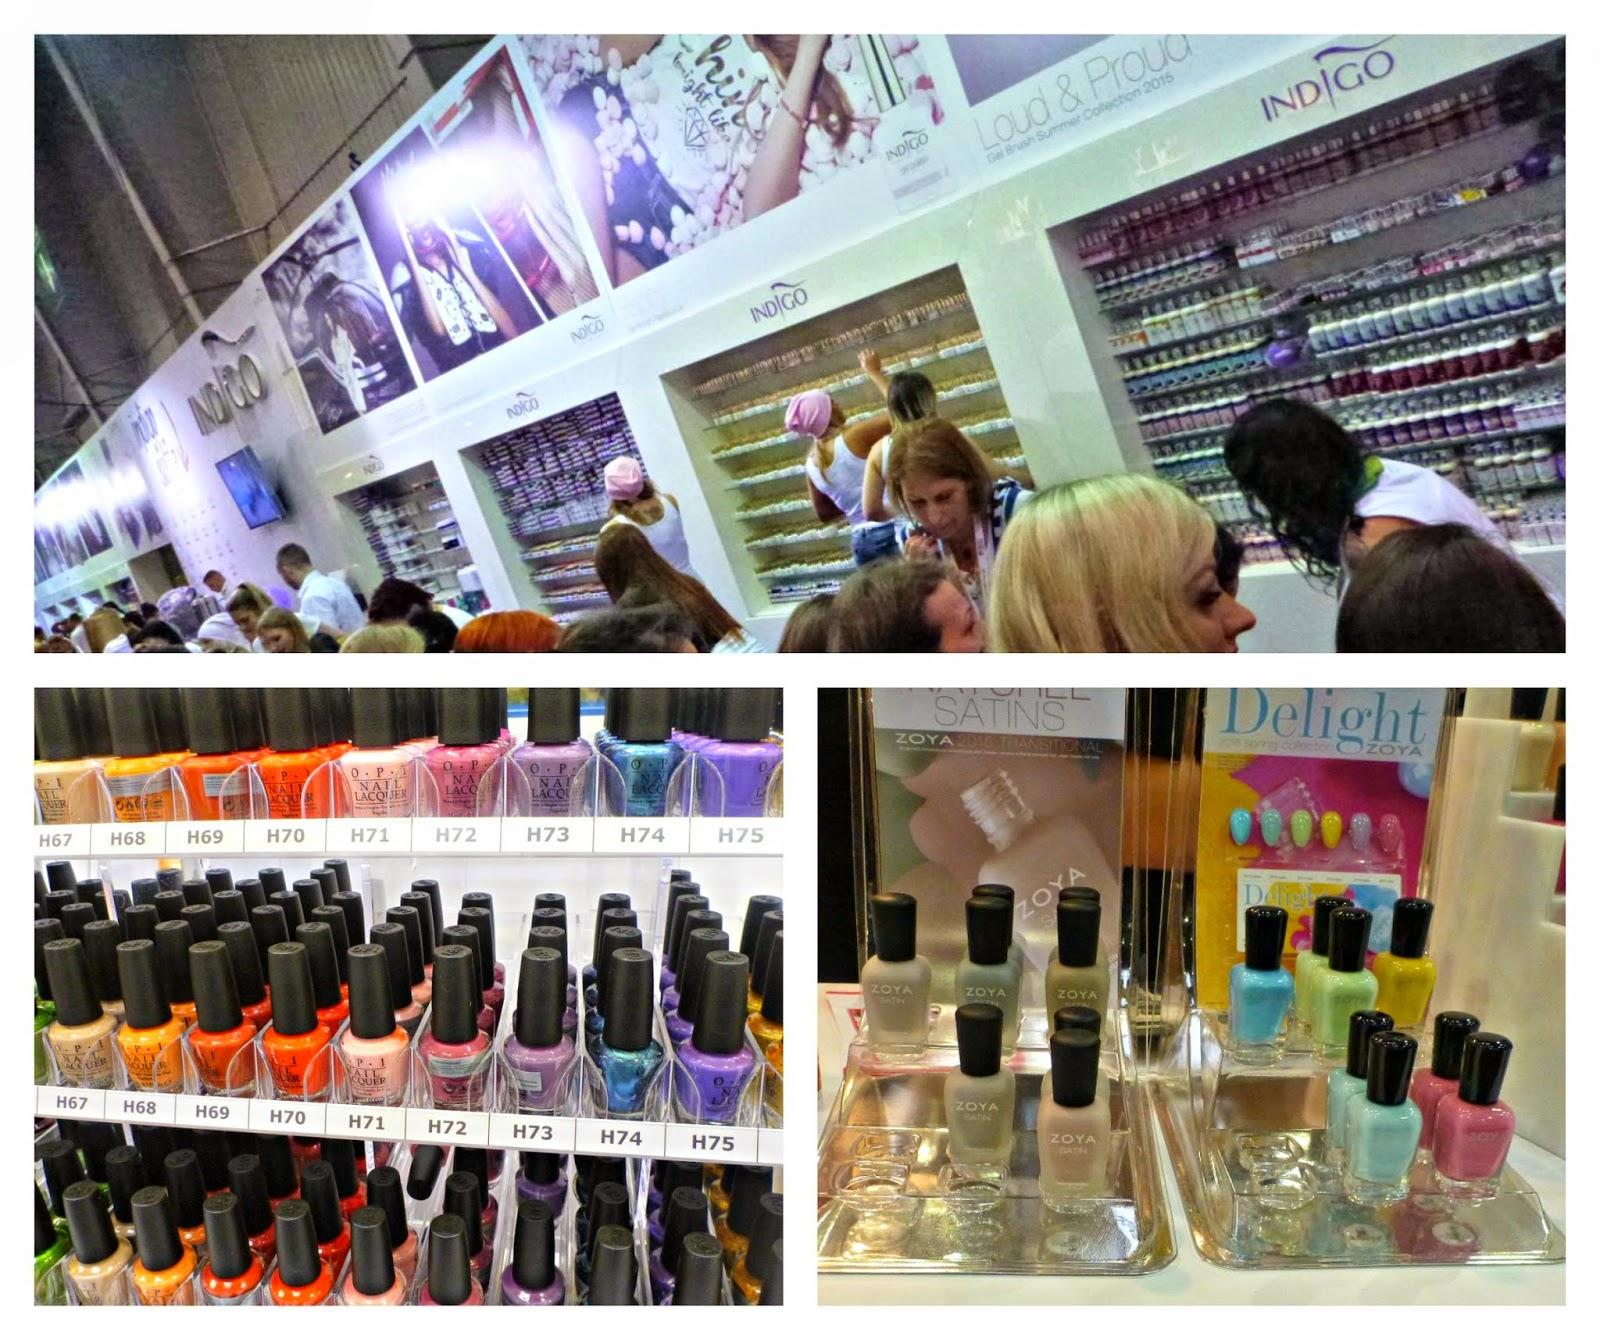 Relacja z targów Beauty Forum oraz moje targowe zakupy